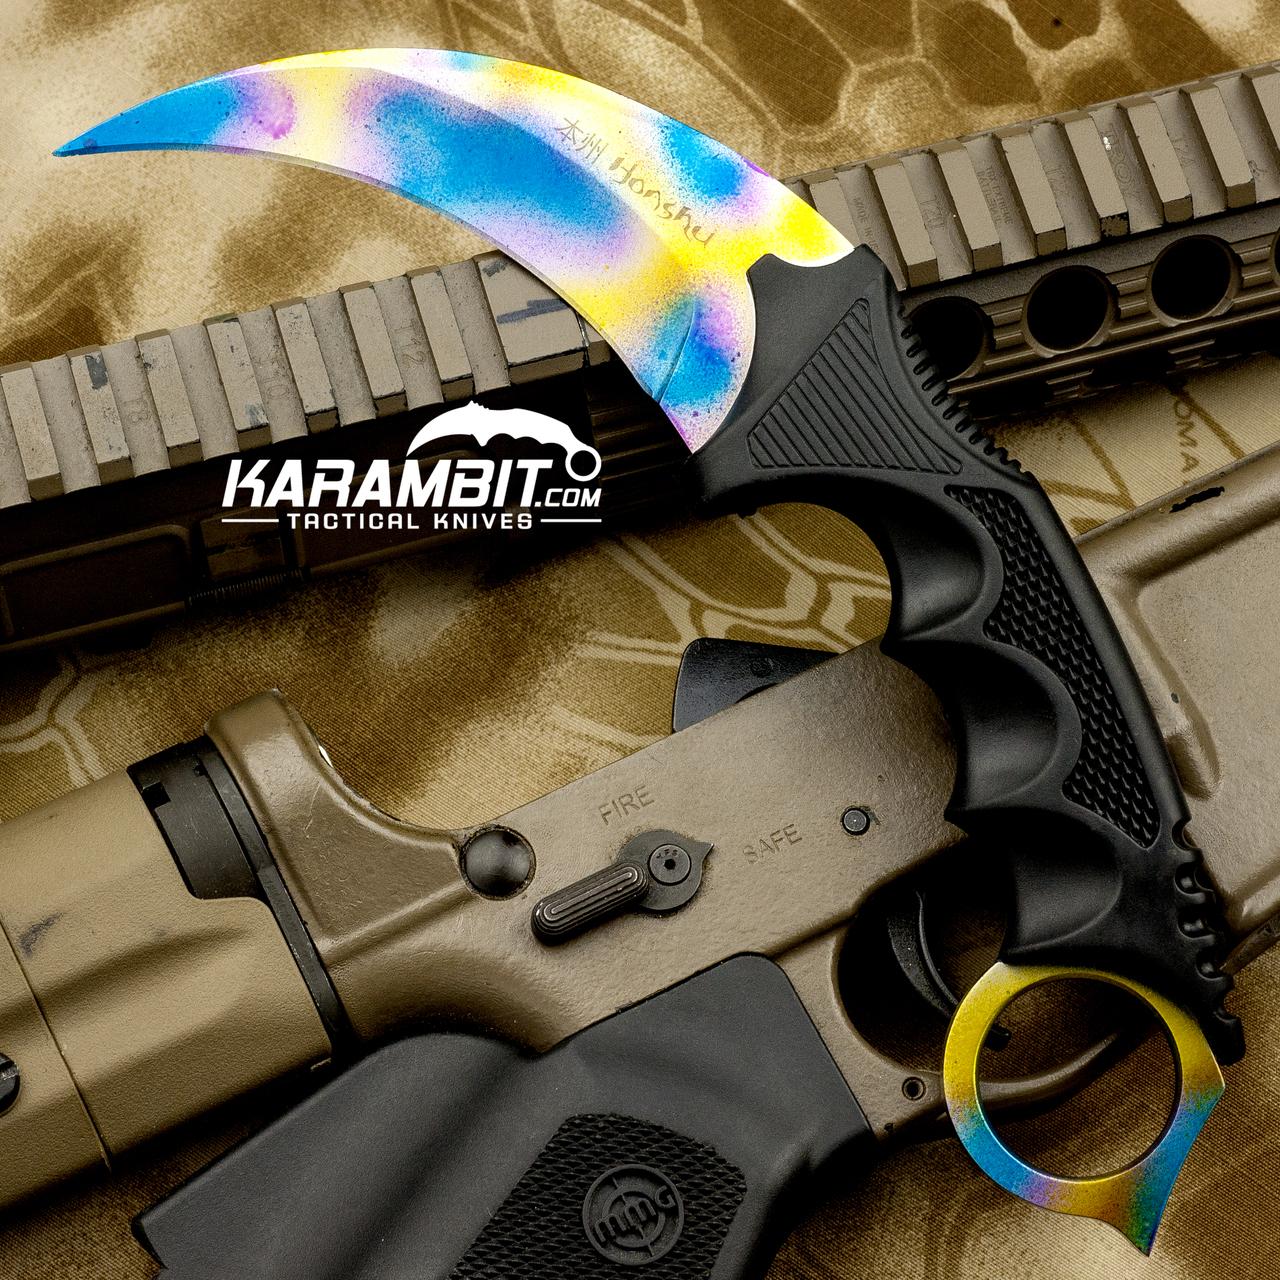 steel pixel knives painted honshu case hardened cs go karambit